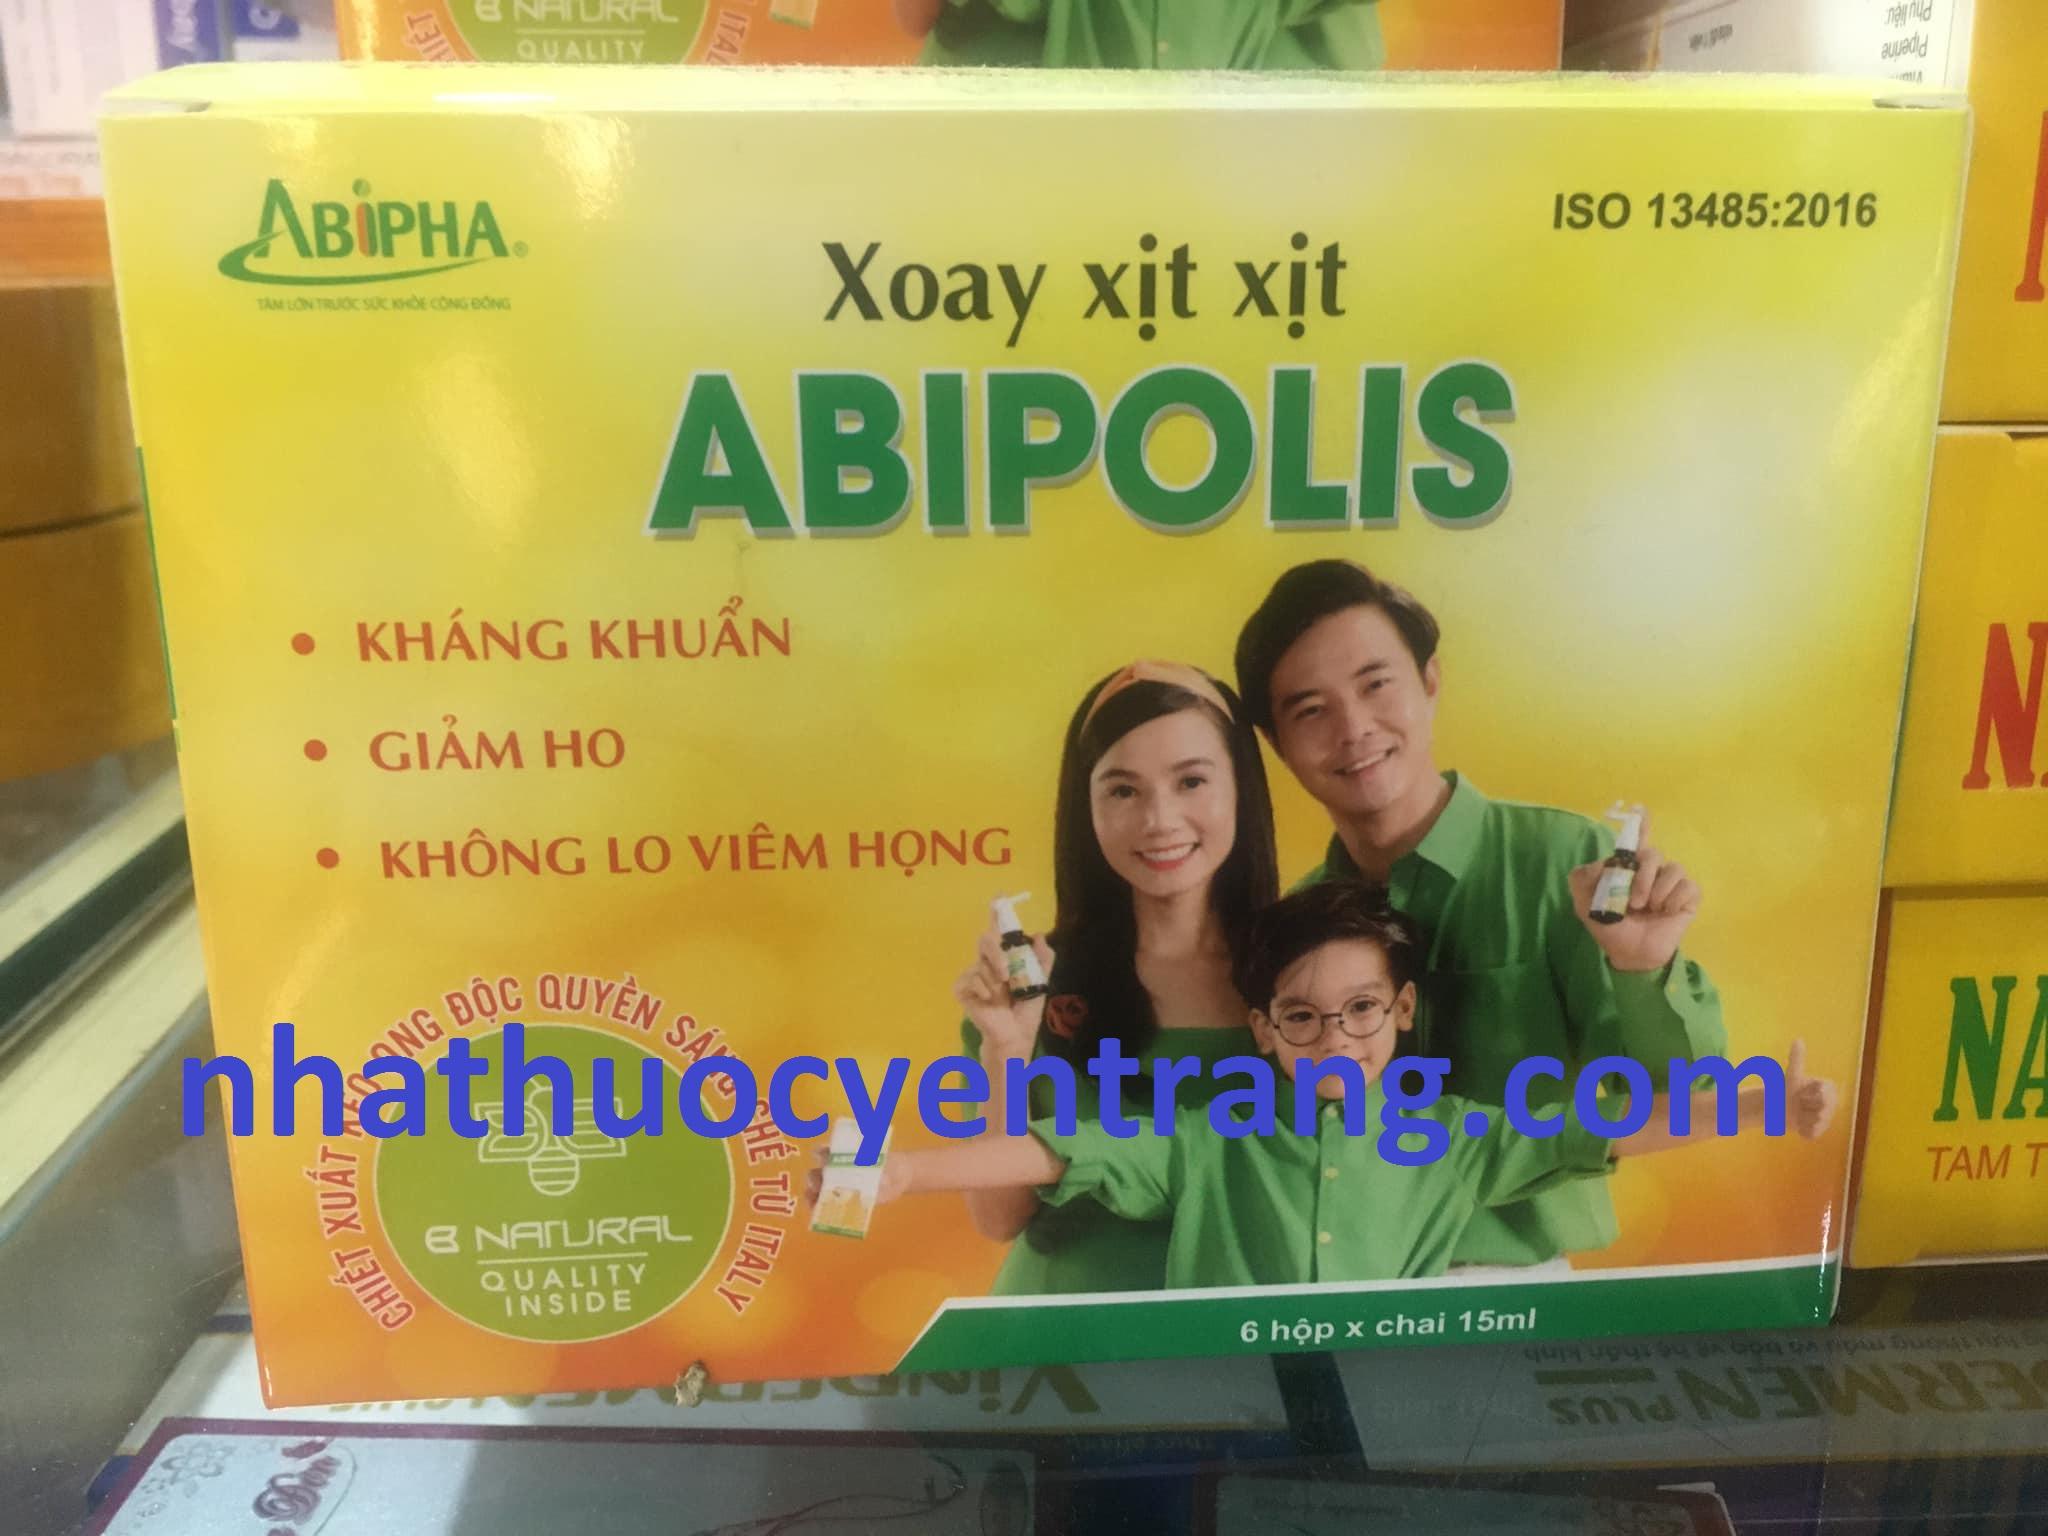 Abipolis 15ml